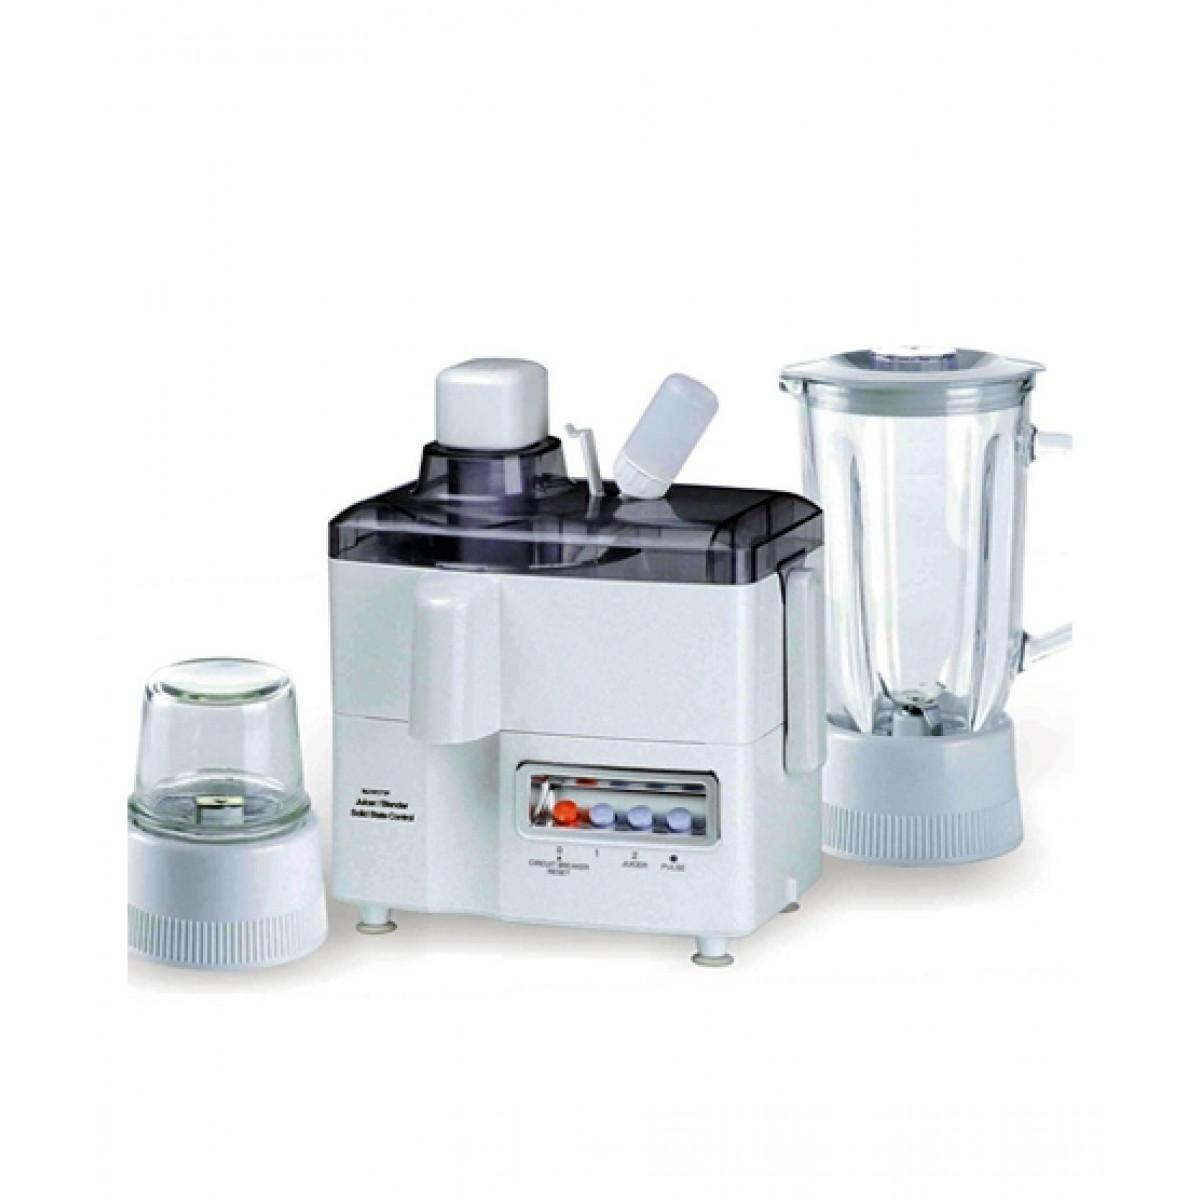 National Multifunction 3-in-1 Juicer Blender & Grinder White (JPN-176)